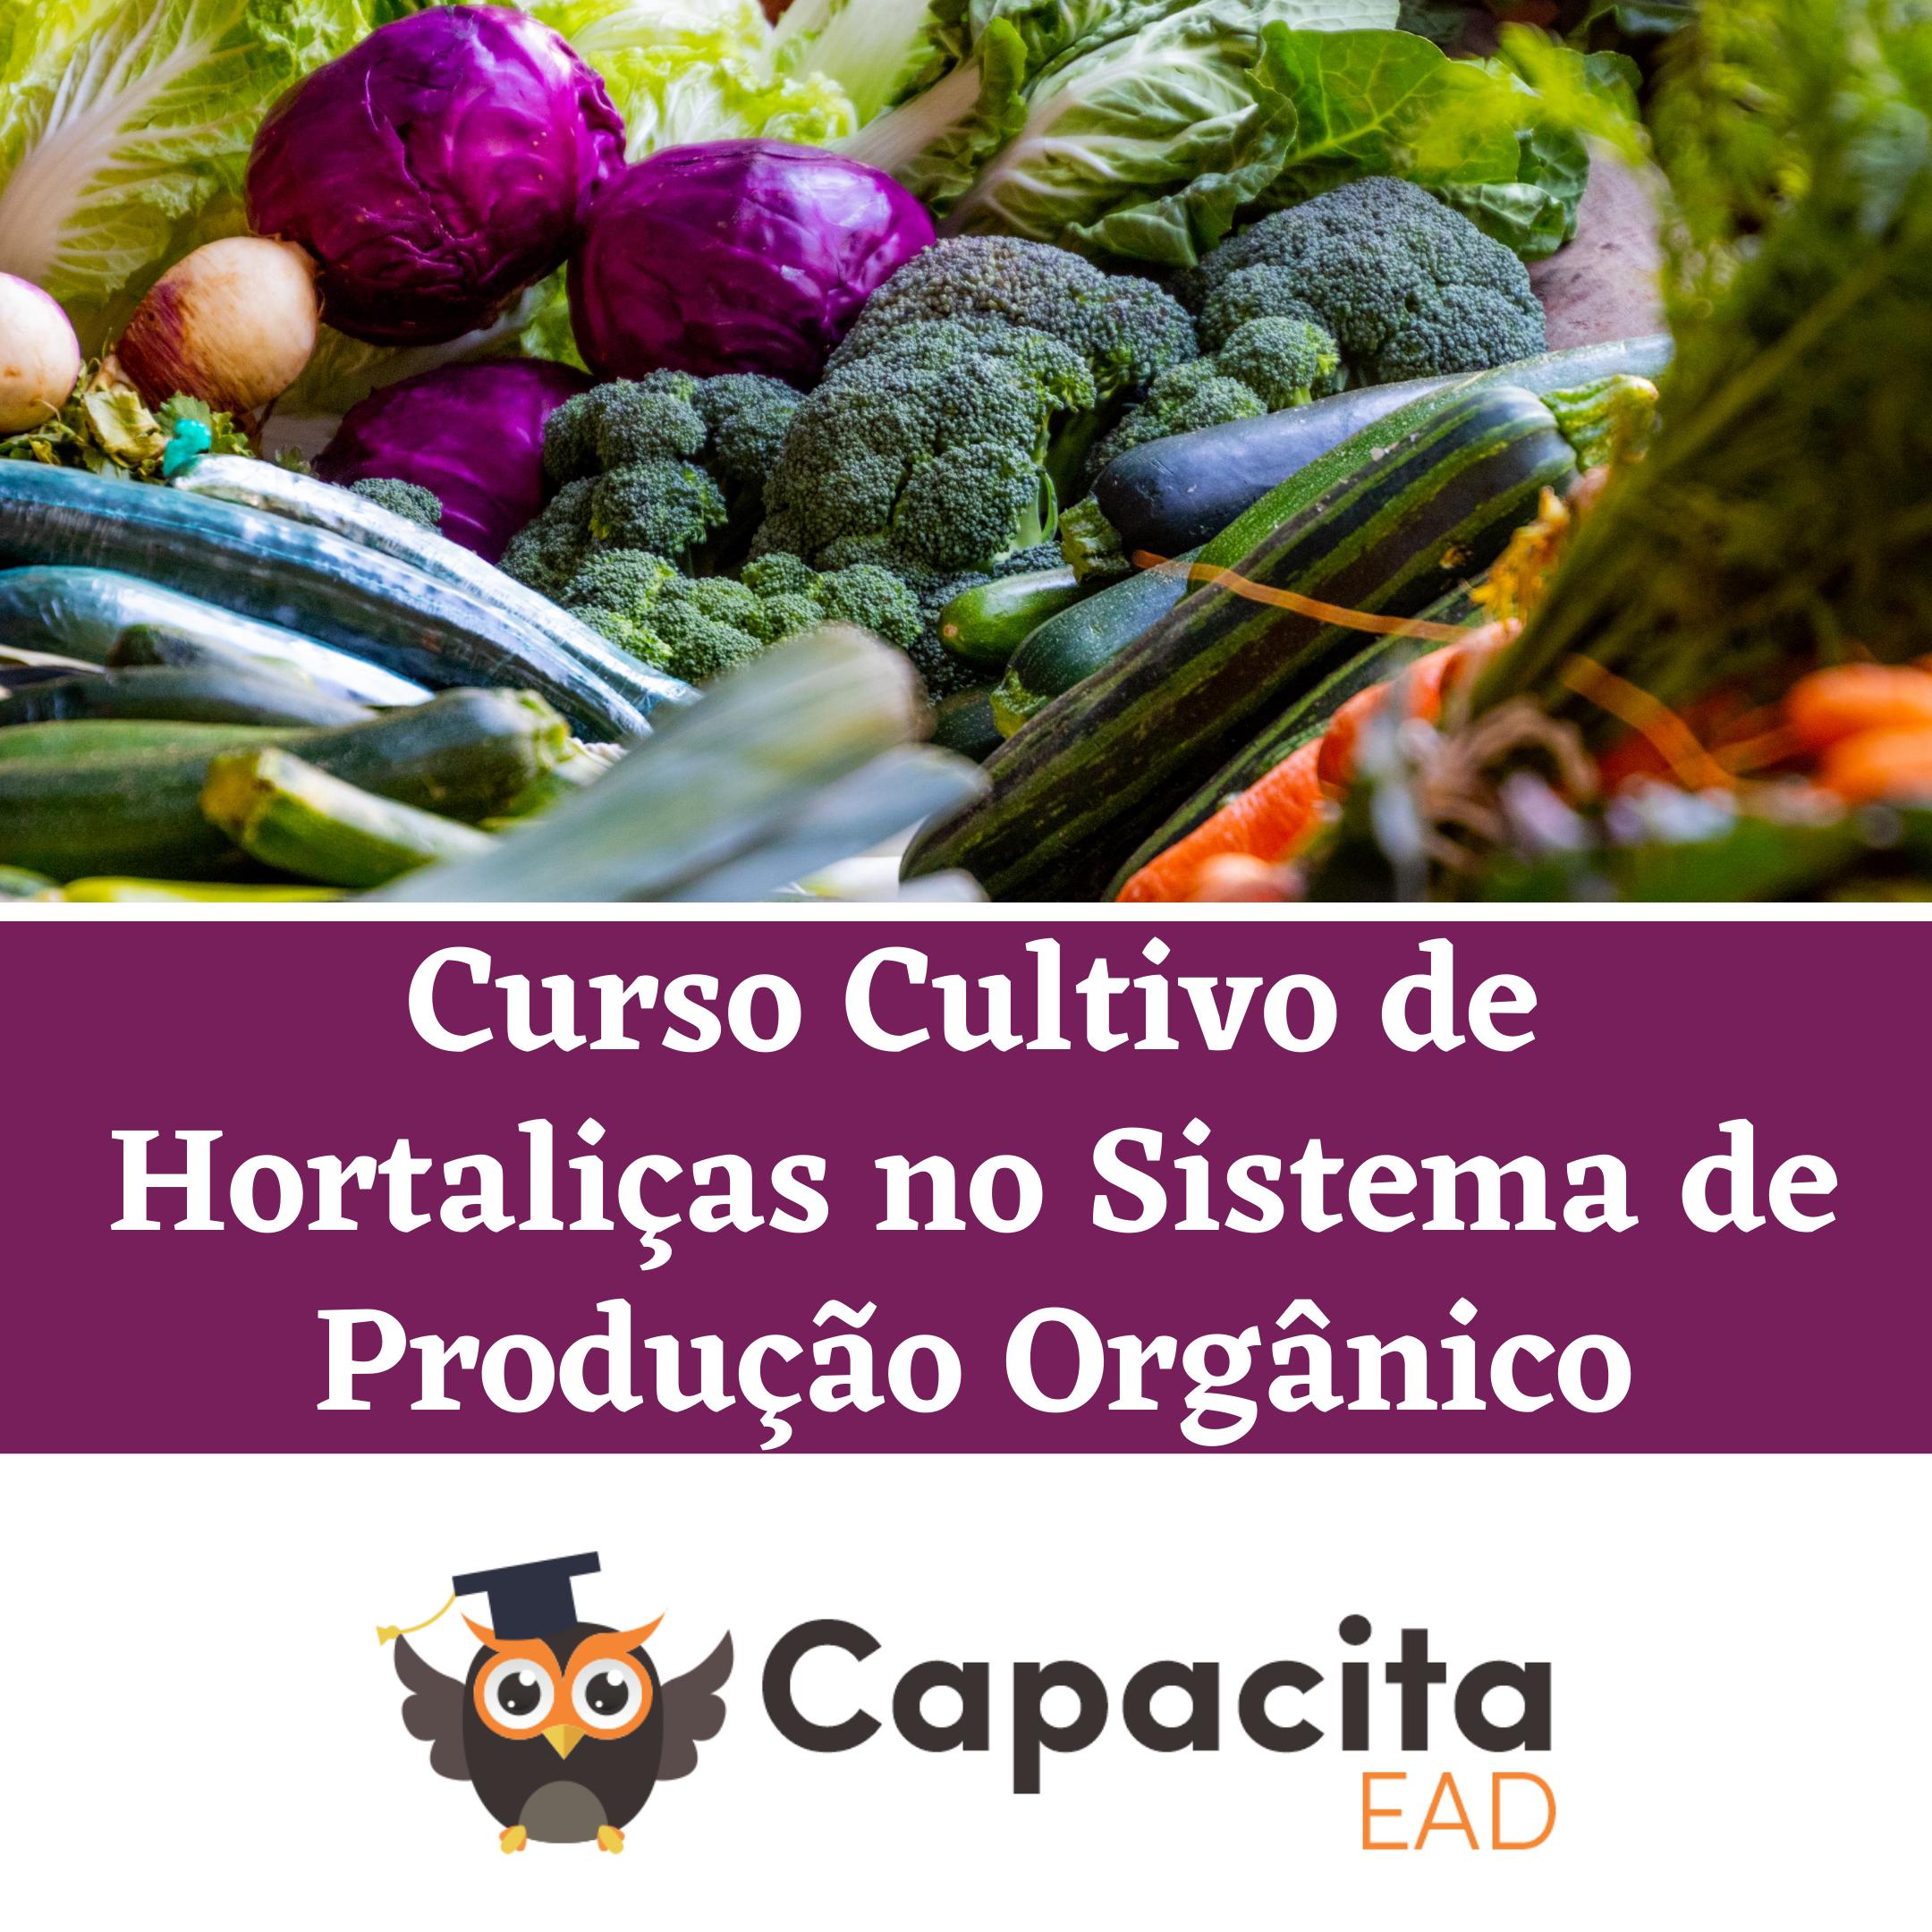 Curso Cultivo de Hortaliças no Sistema de Produção Orgânico